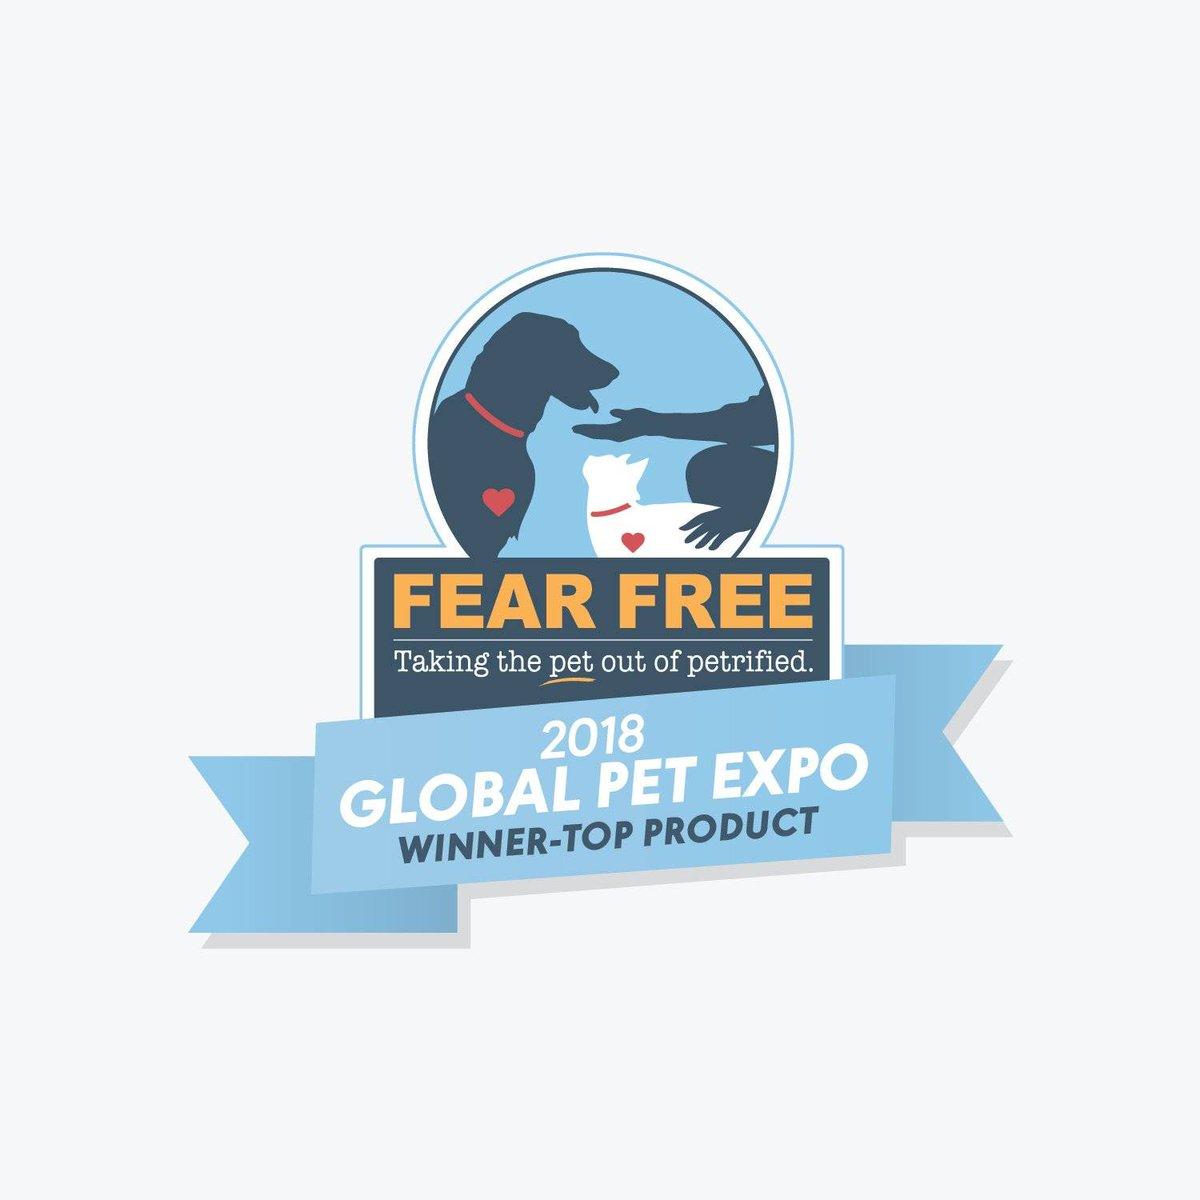 Fear Free on Twitter: